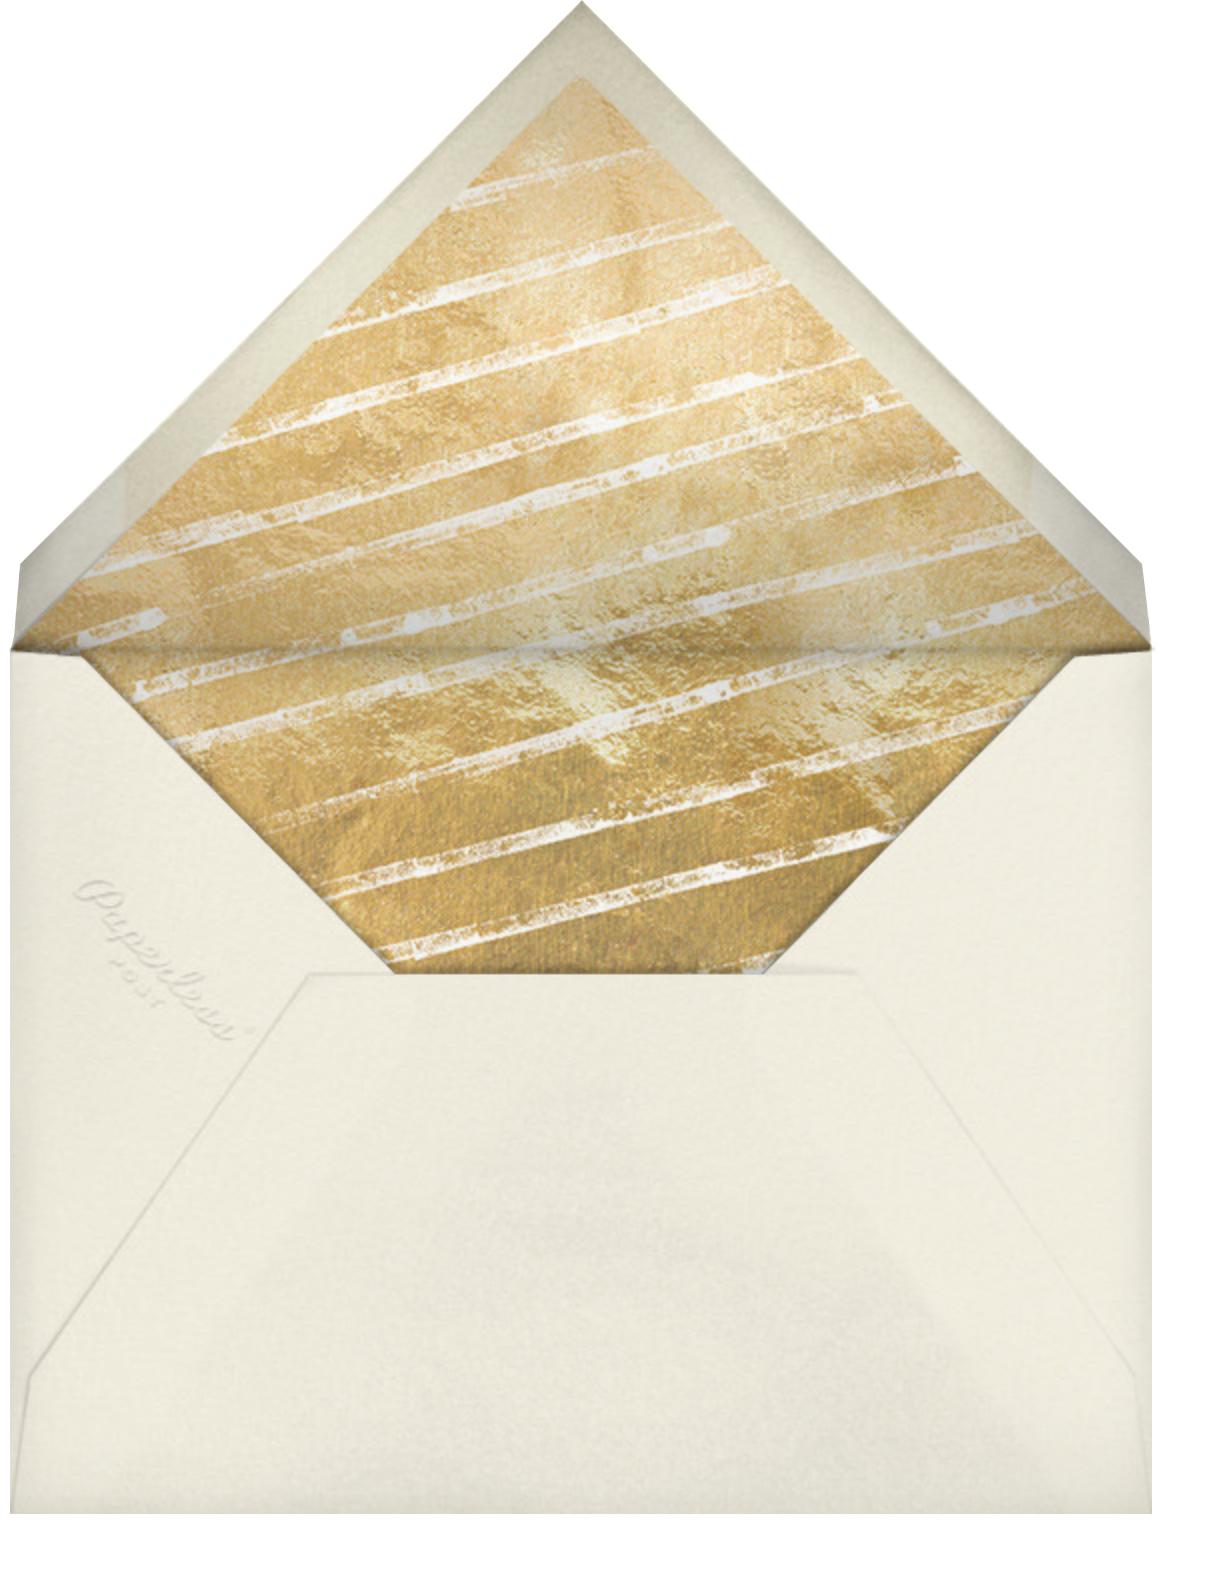 Hex Border (Invitation) - Cream - Kelly Wearstler - All - envelope back